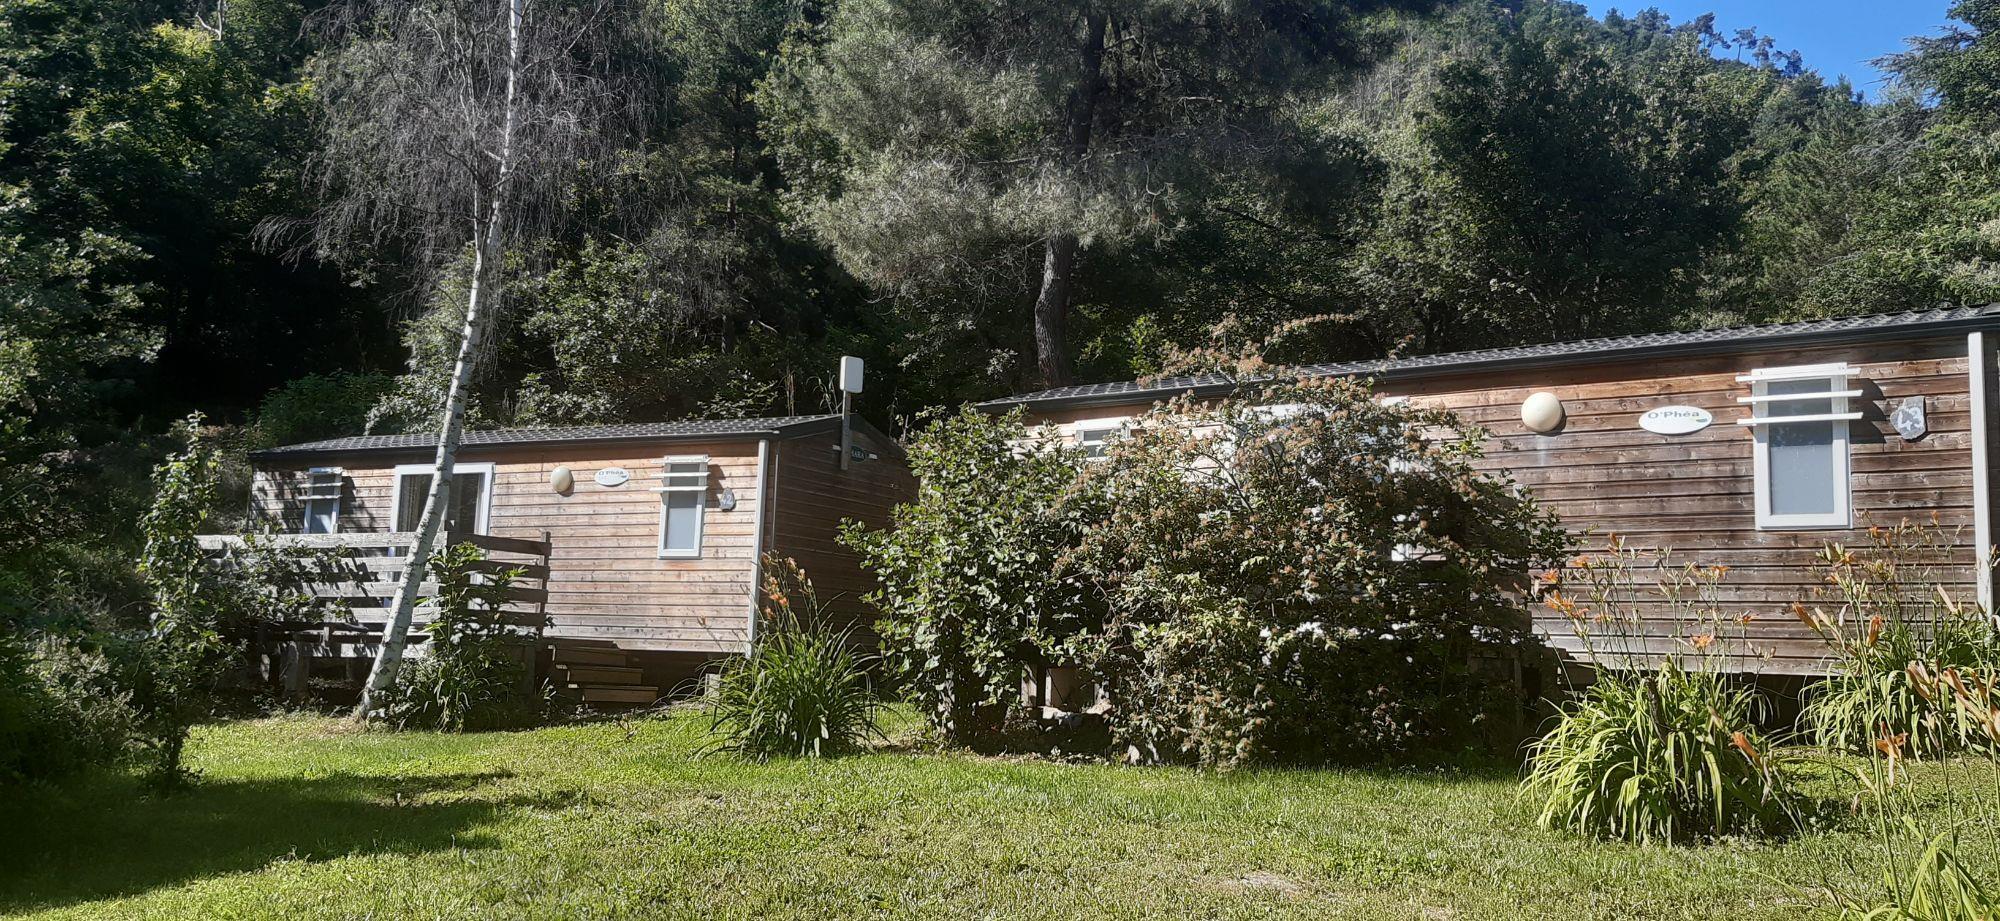 Camping les Cerisiers, Vernet-les-Bains, Pyrénées-Orientales